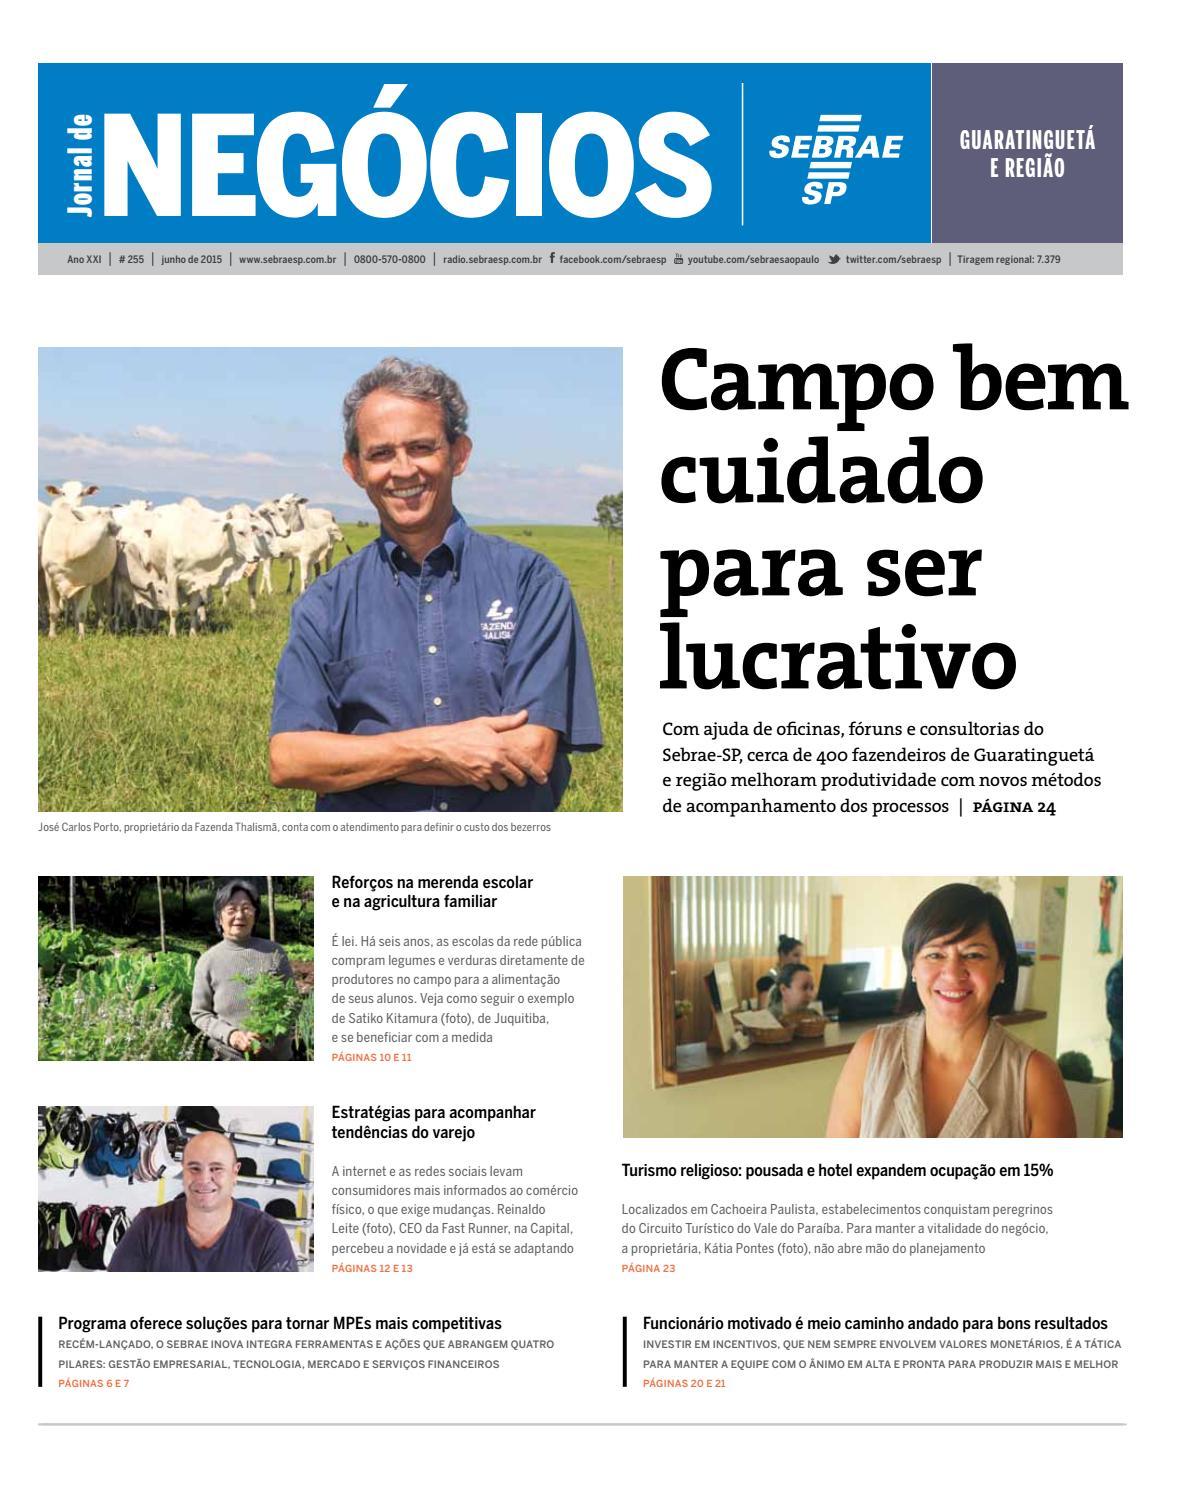 3c0faf56e2 Jornal de Negócios Sebrae-SP - 01 de junho de 2015 - Guaratinguetá e Região  by Sebrae-SP - issuu